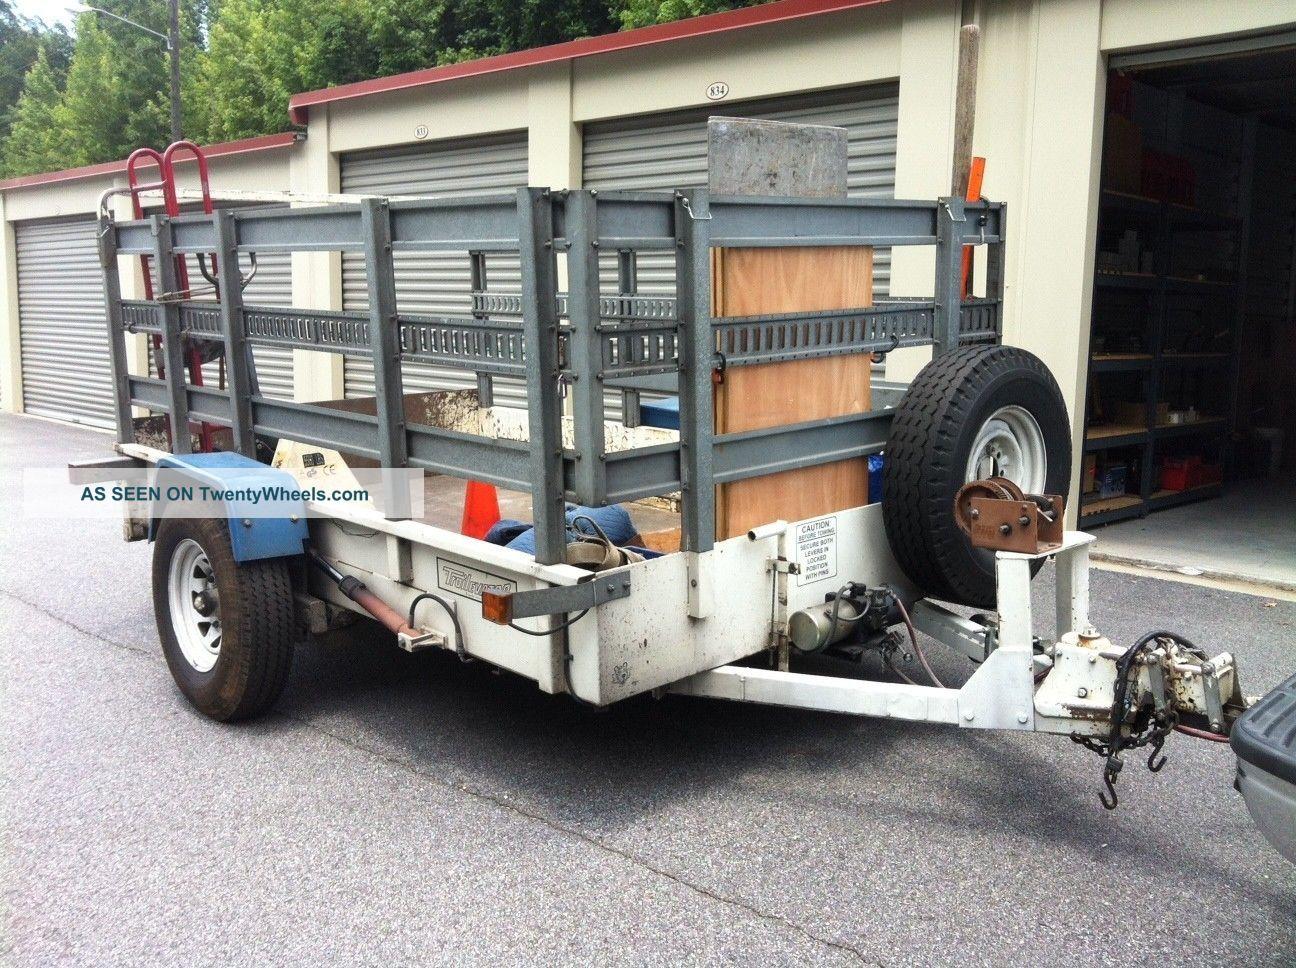 Hydraulic Drop Deck Trailer Blueprint : Equipment trailer safe vending tilt drop deck hydraulic